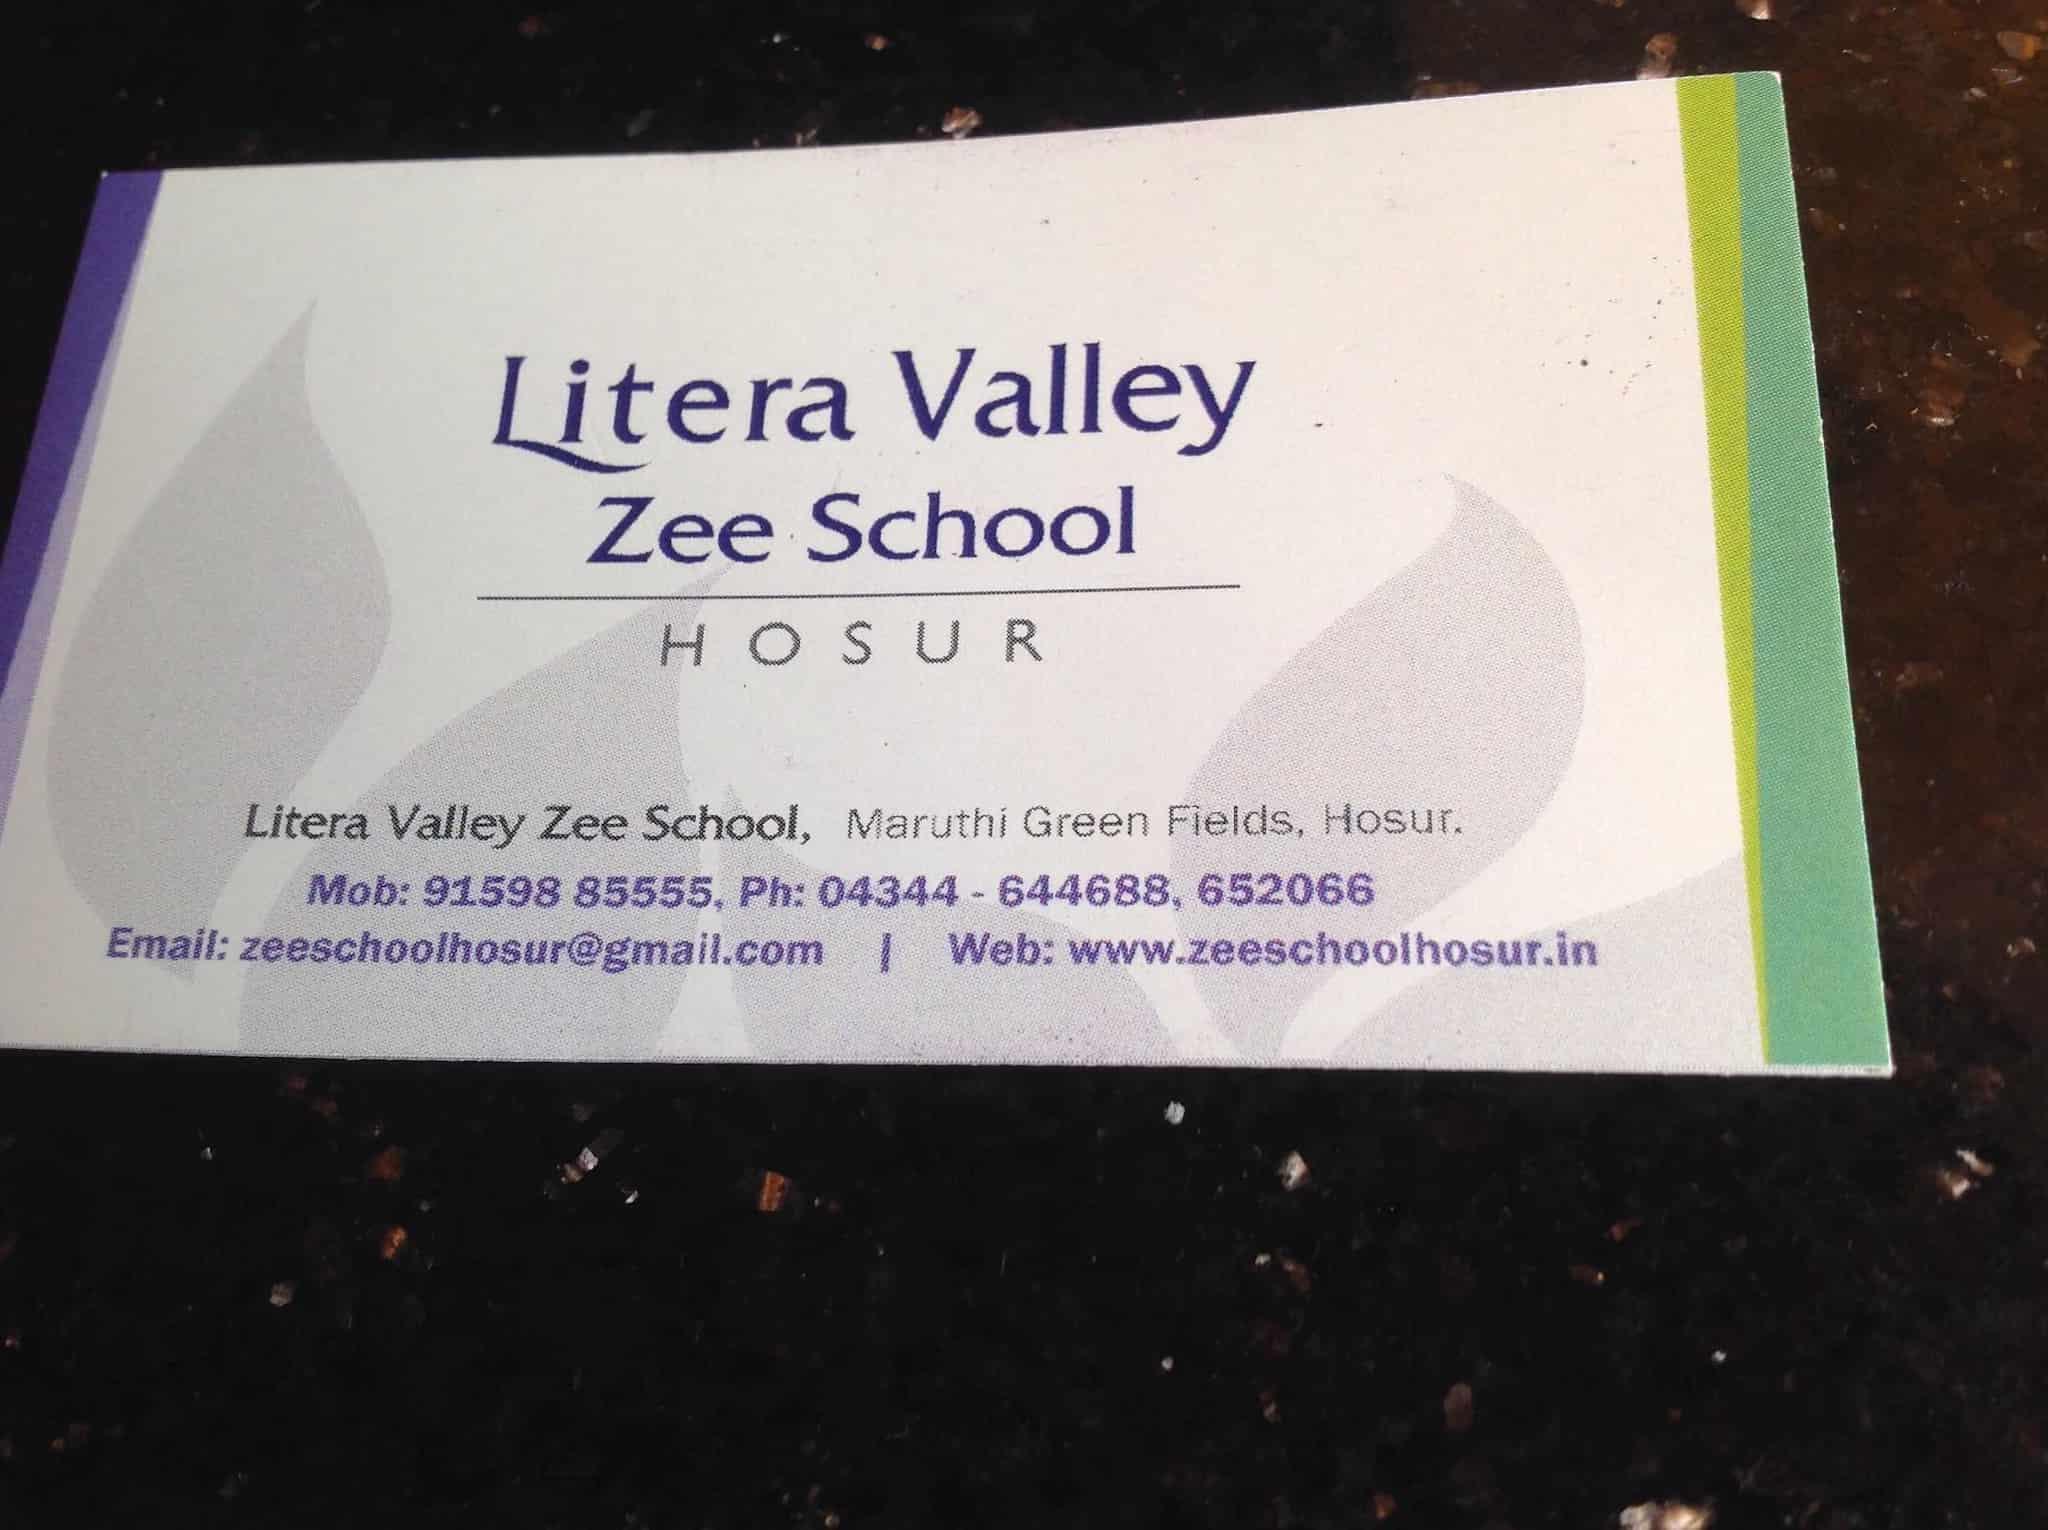 Litera Valley Zee School Mount Litera Zee School Schools In